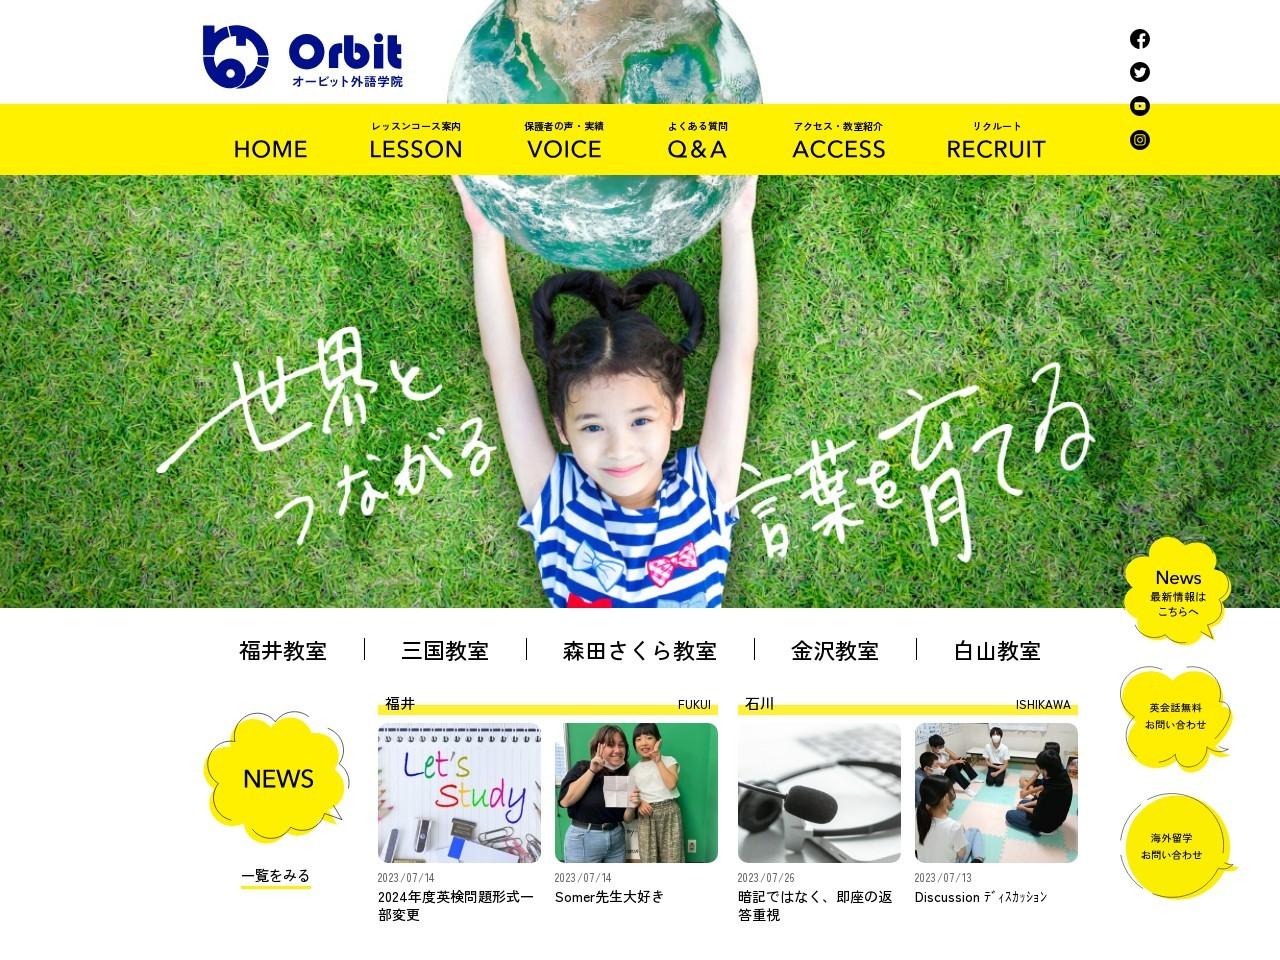 オービット(Orbit)外語学院